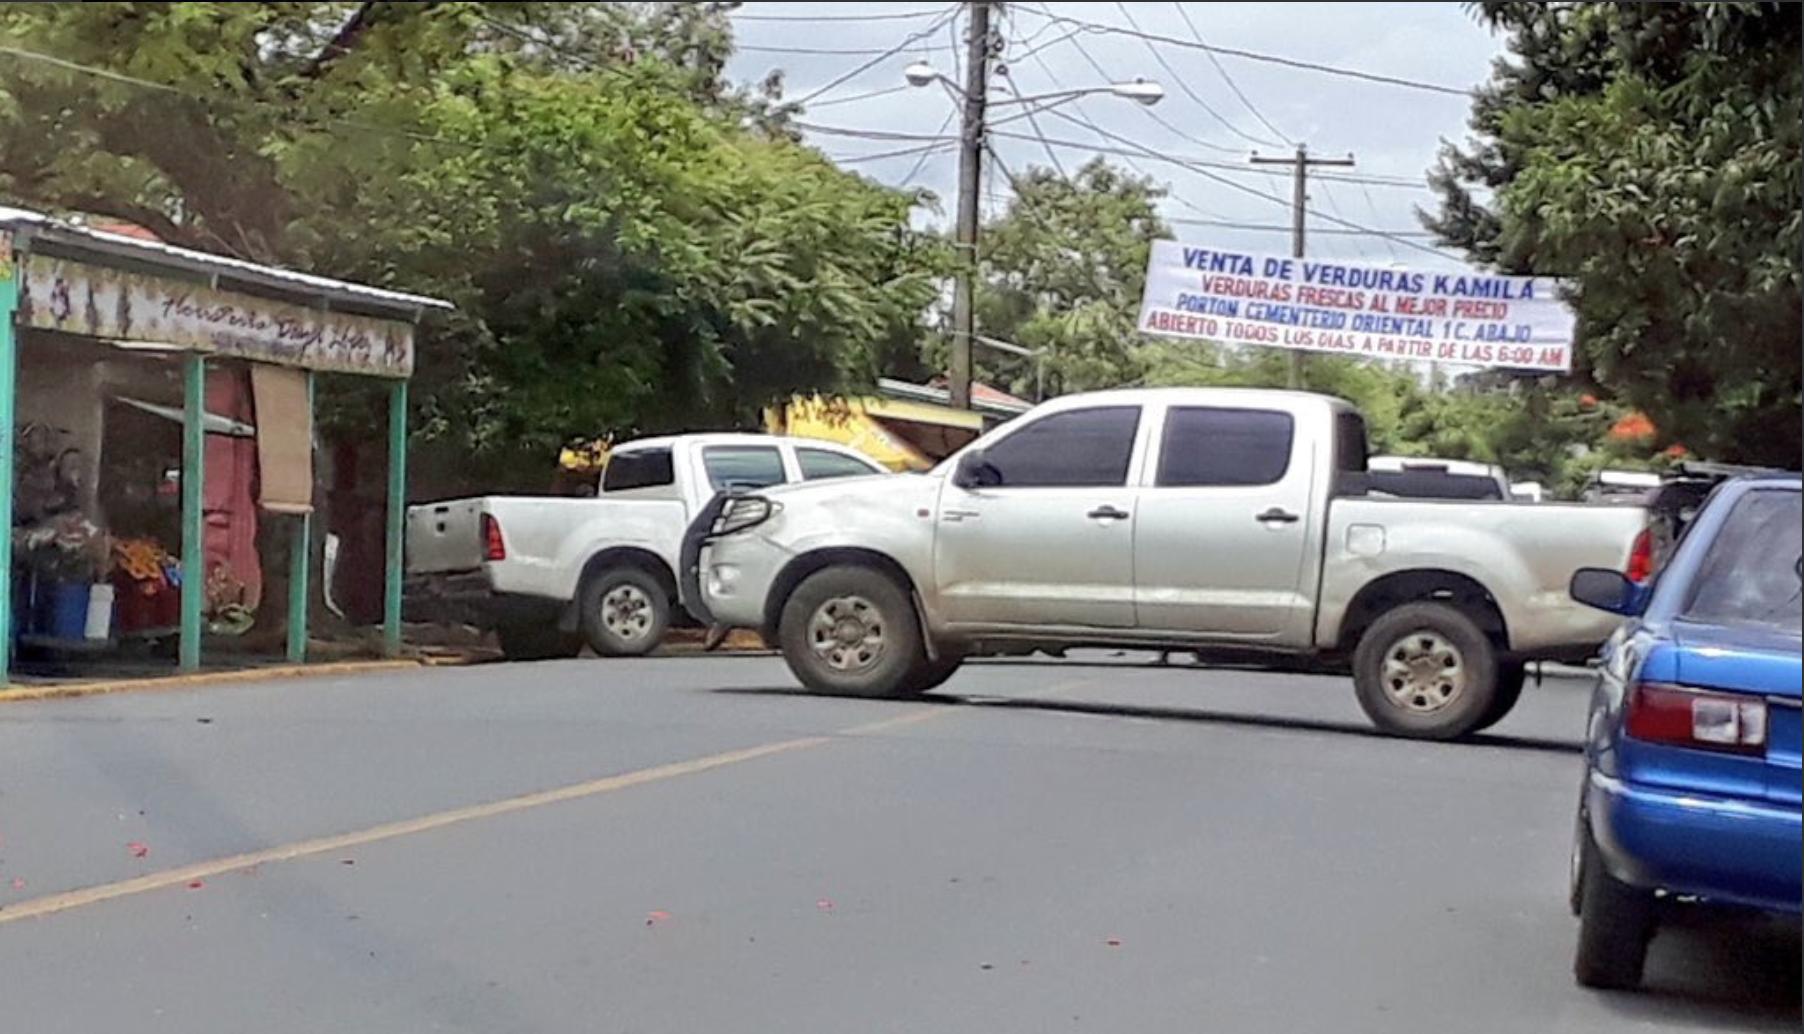 Camionetas Hilux puestas sobre la vía para impedir el paso entre el cementerio Periférico y El Colonial. La Colonia Salvadorita quedó cercada. Foto: Cortesía